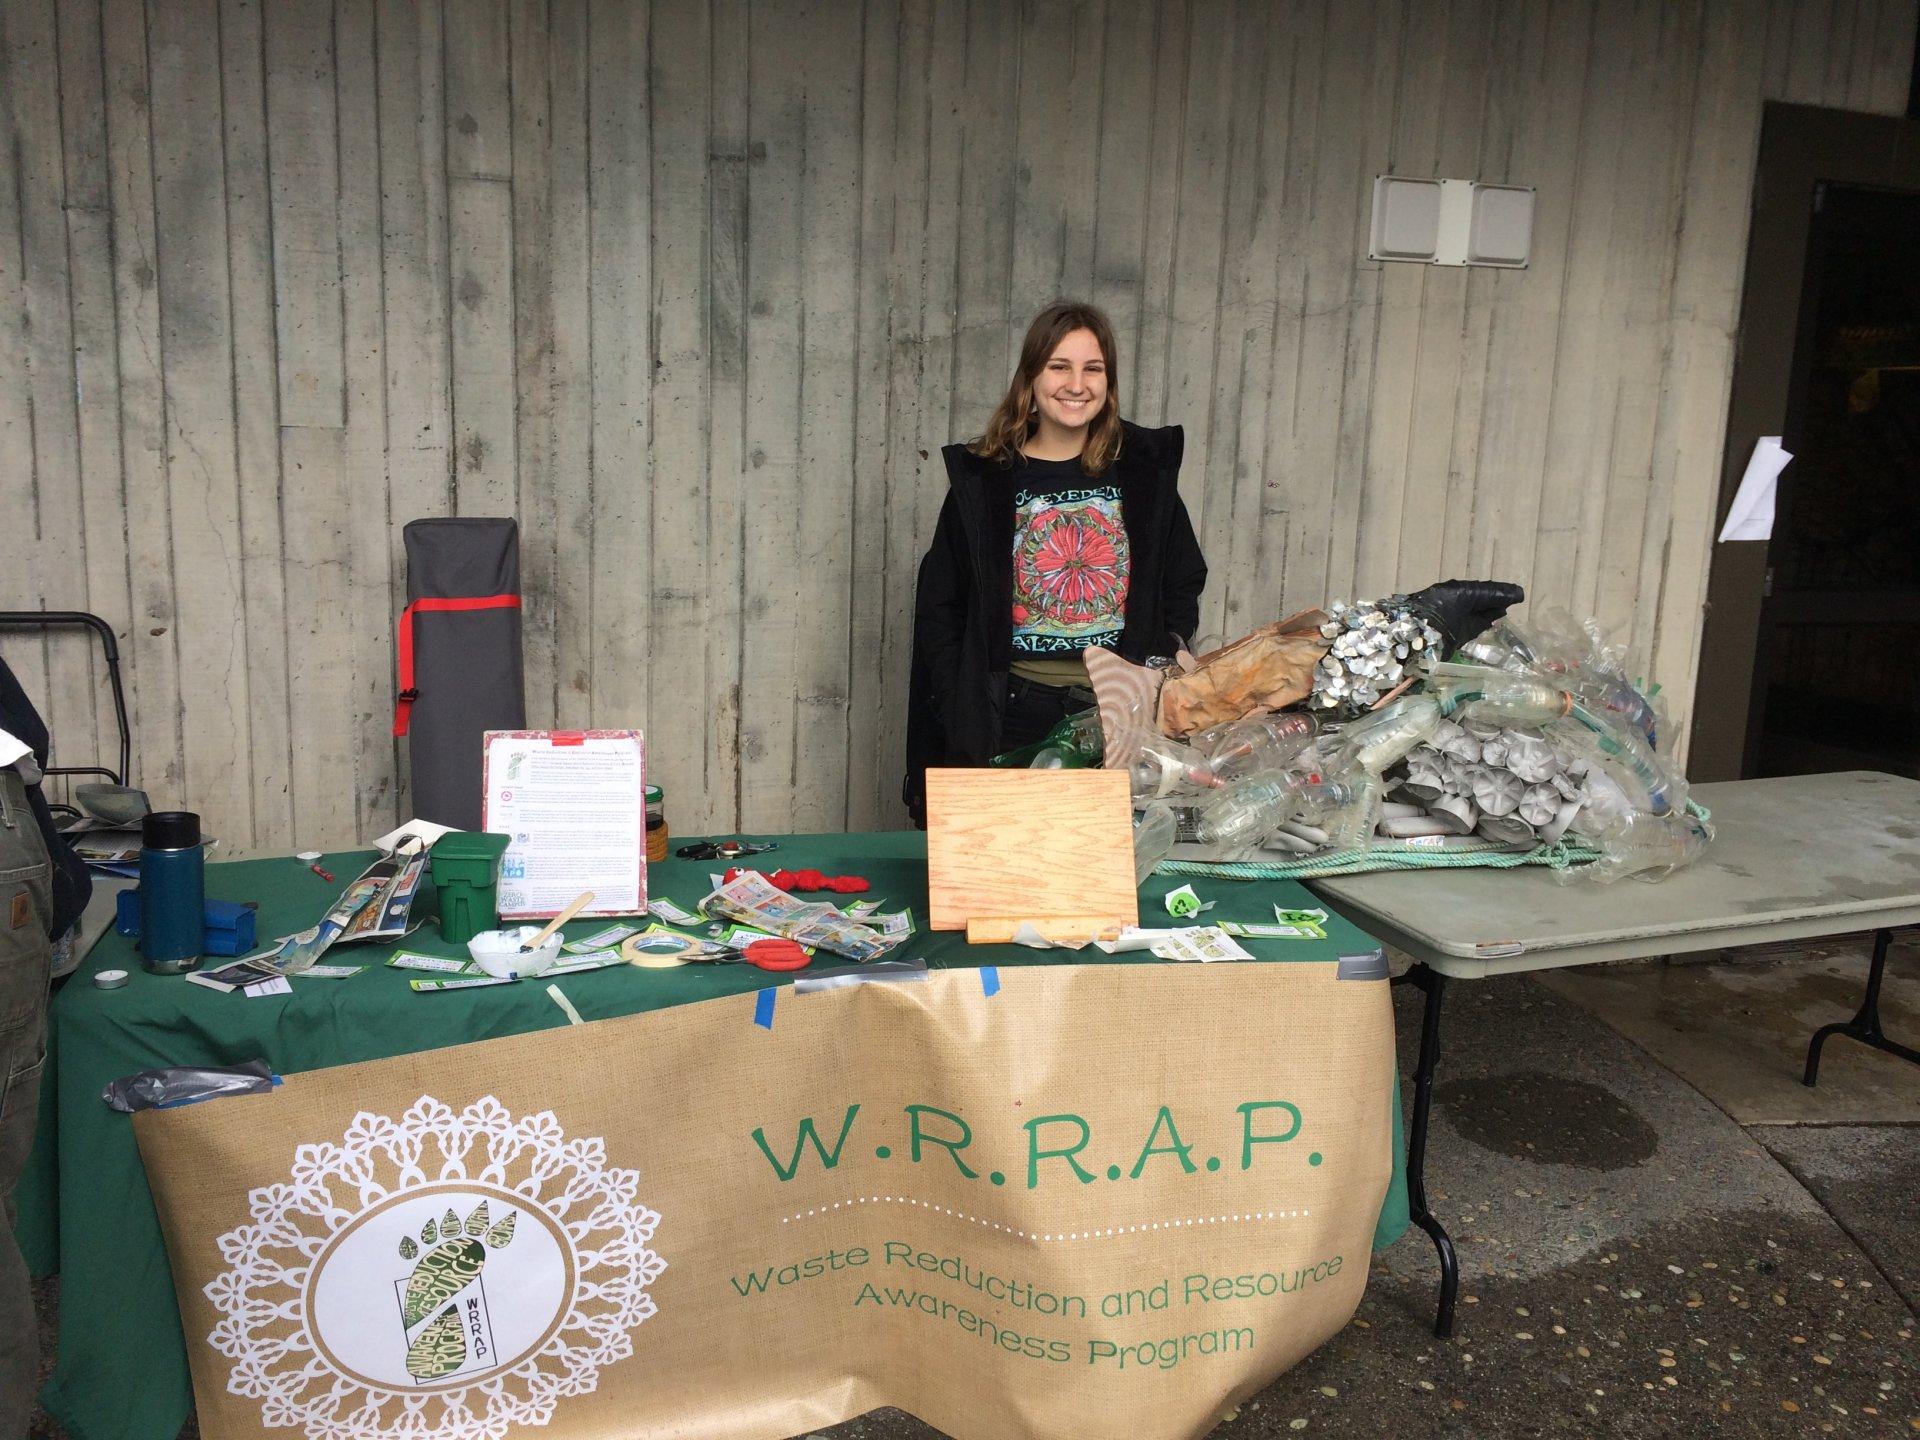 WRRAP intern Molly Gilmore tabling at the Recyclemania outreach event. Photo by Shohei Morita